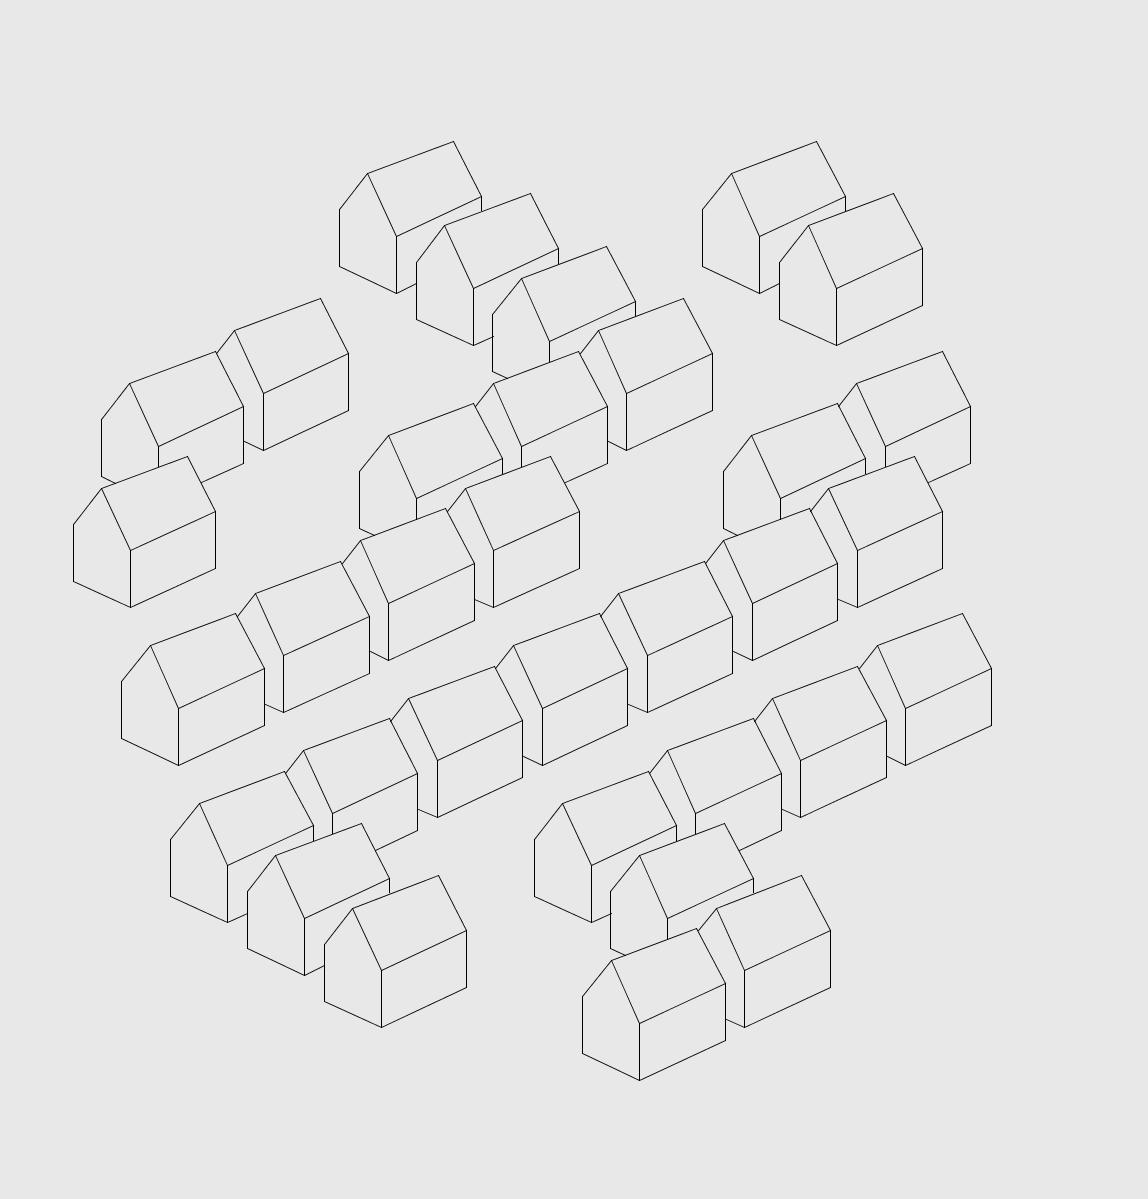 Schermafbeelding_2021-06-13_om_17.17.56